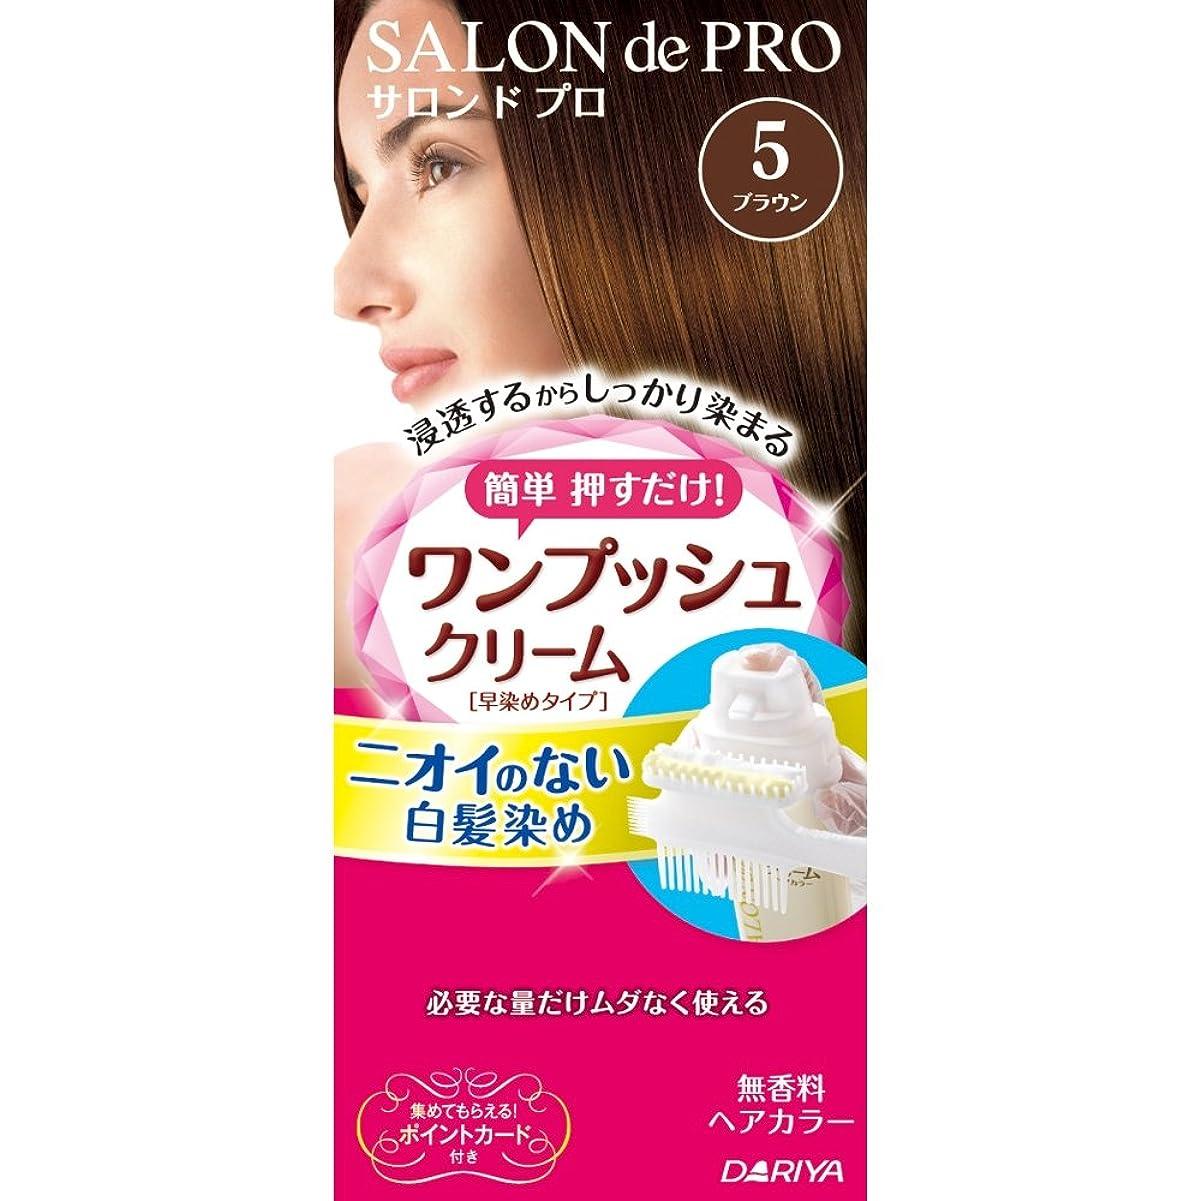 オープナー法医学樫の木サロンドプロ ワンプッシュクリームヘアカラー 5 40g+40g